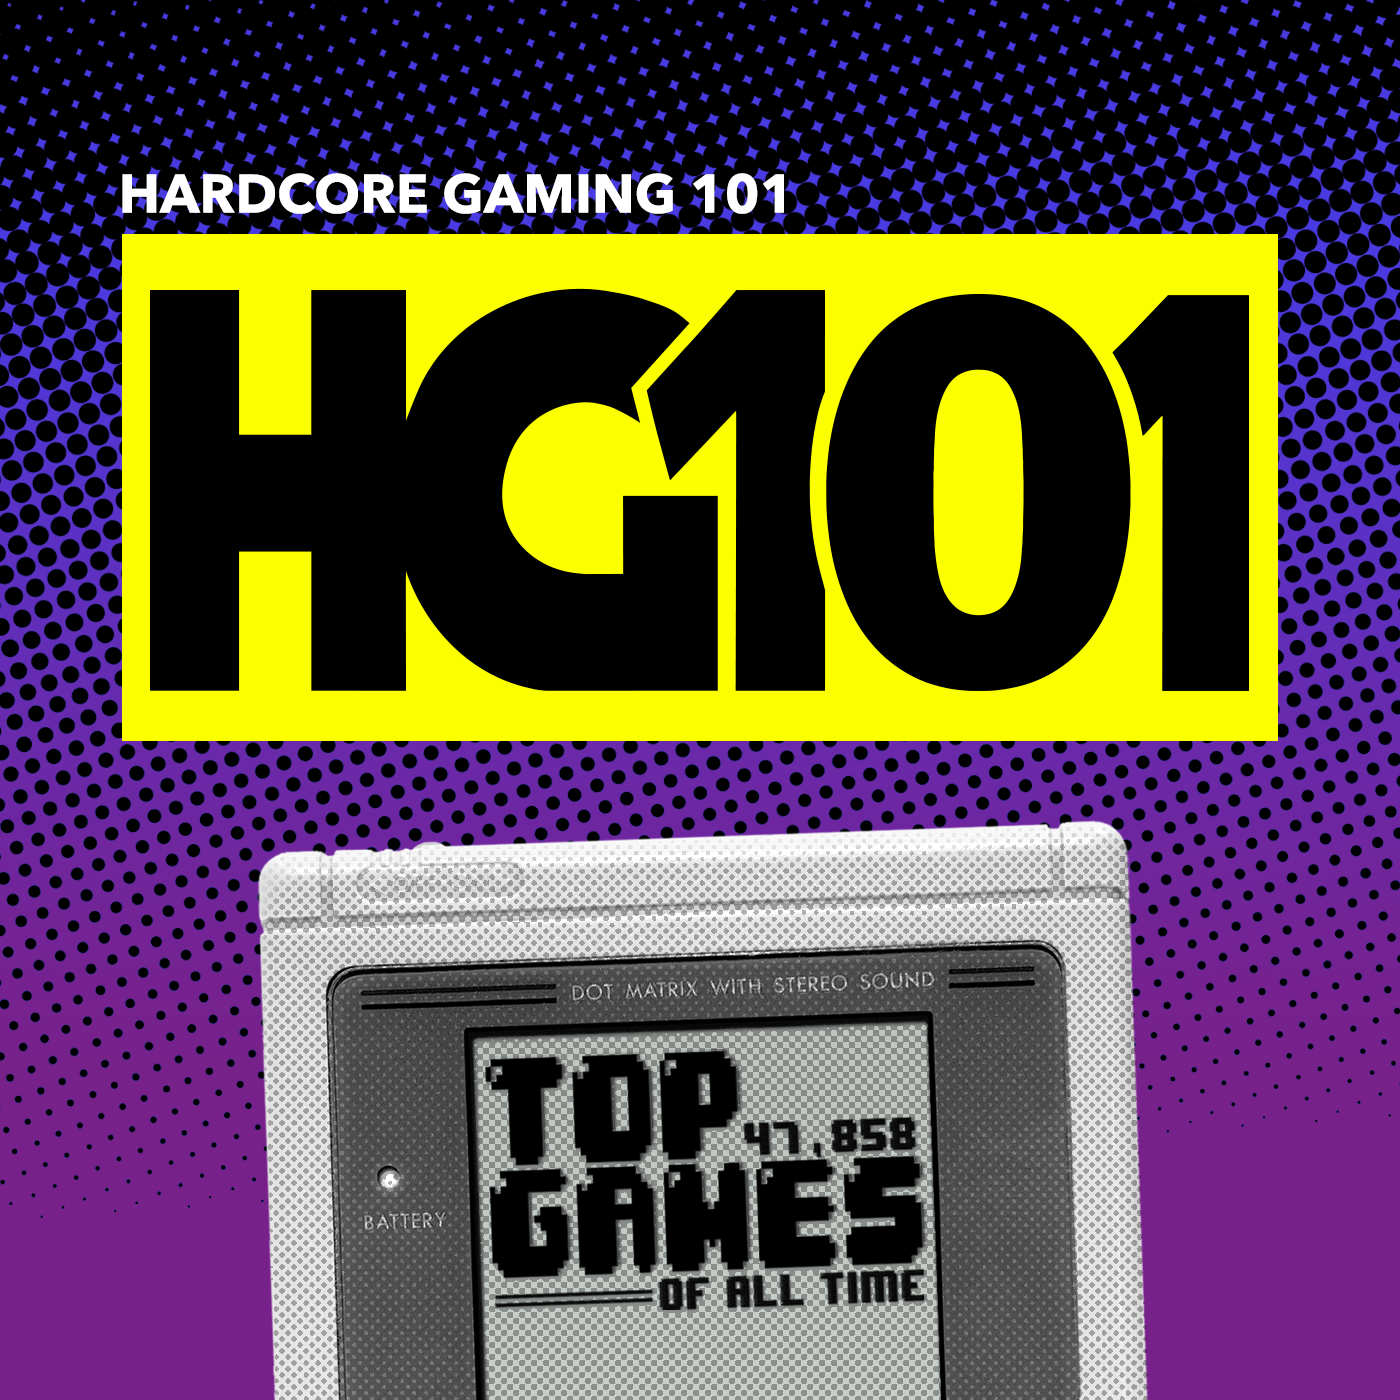 Hardcore Gaming 101 show art